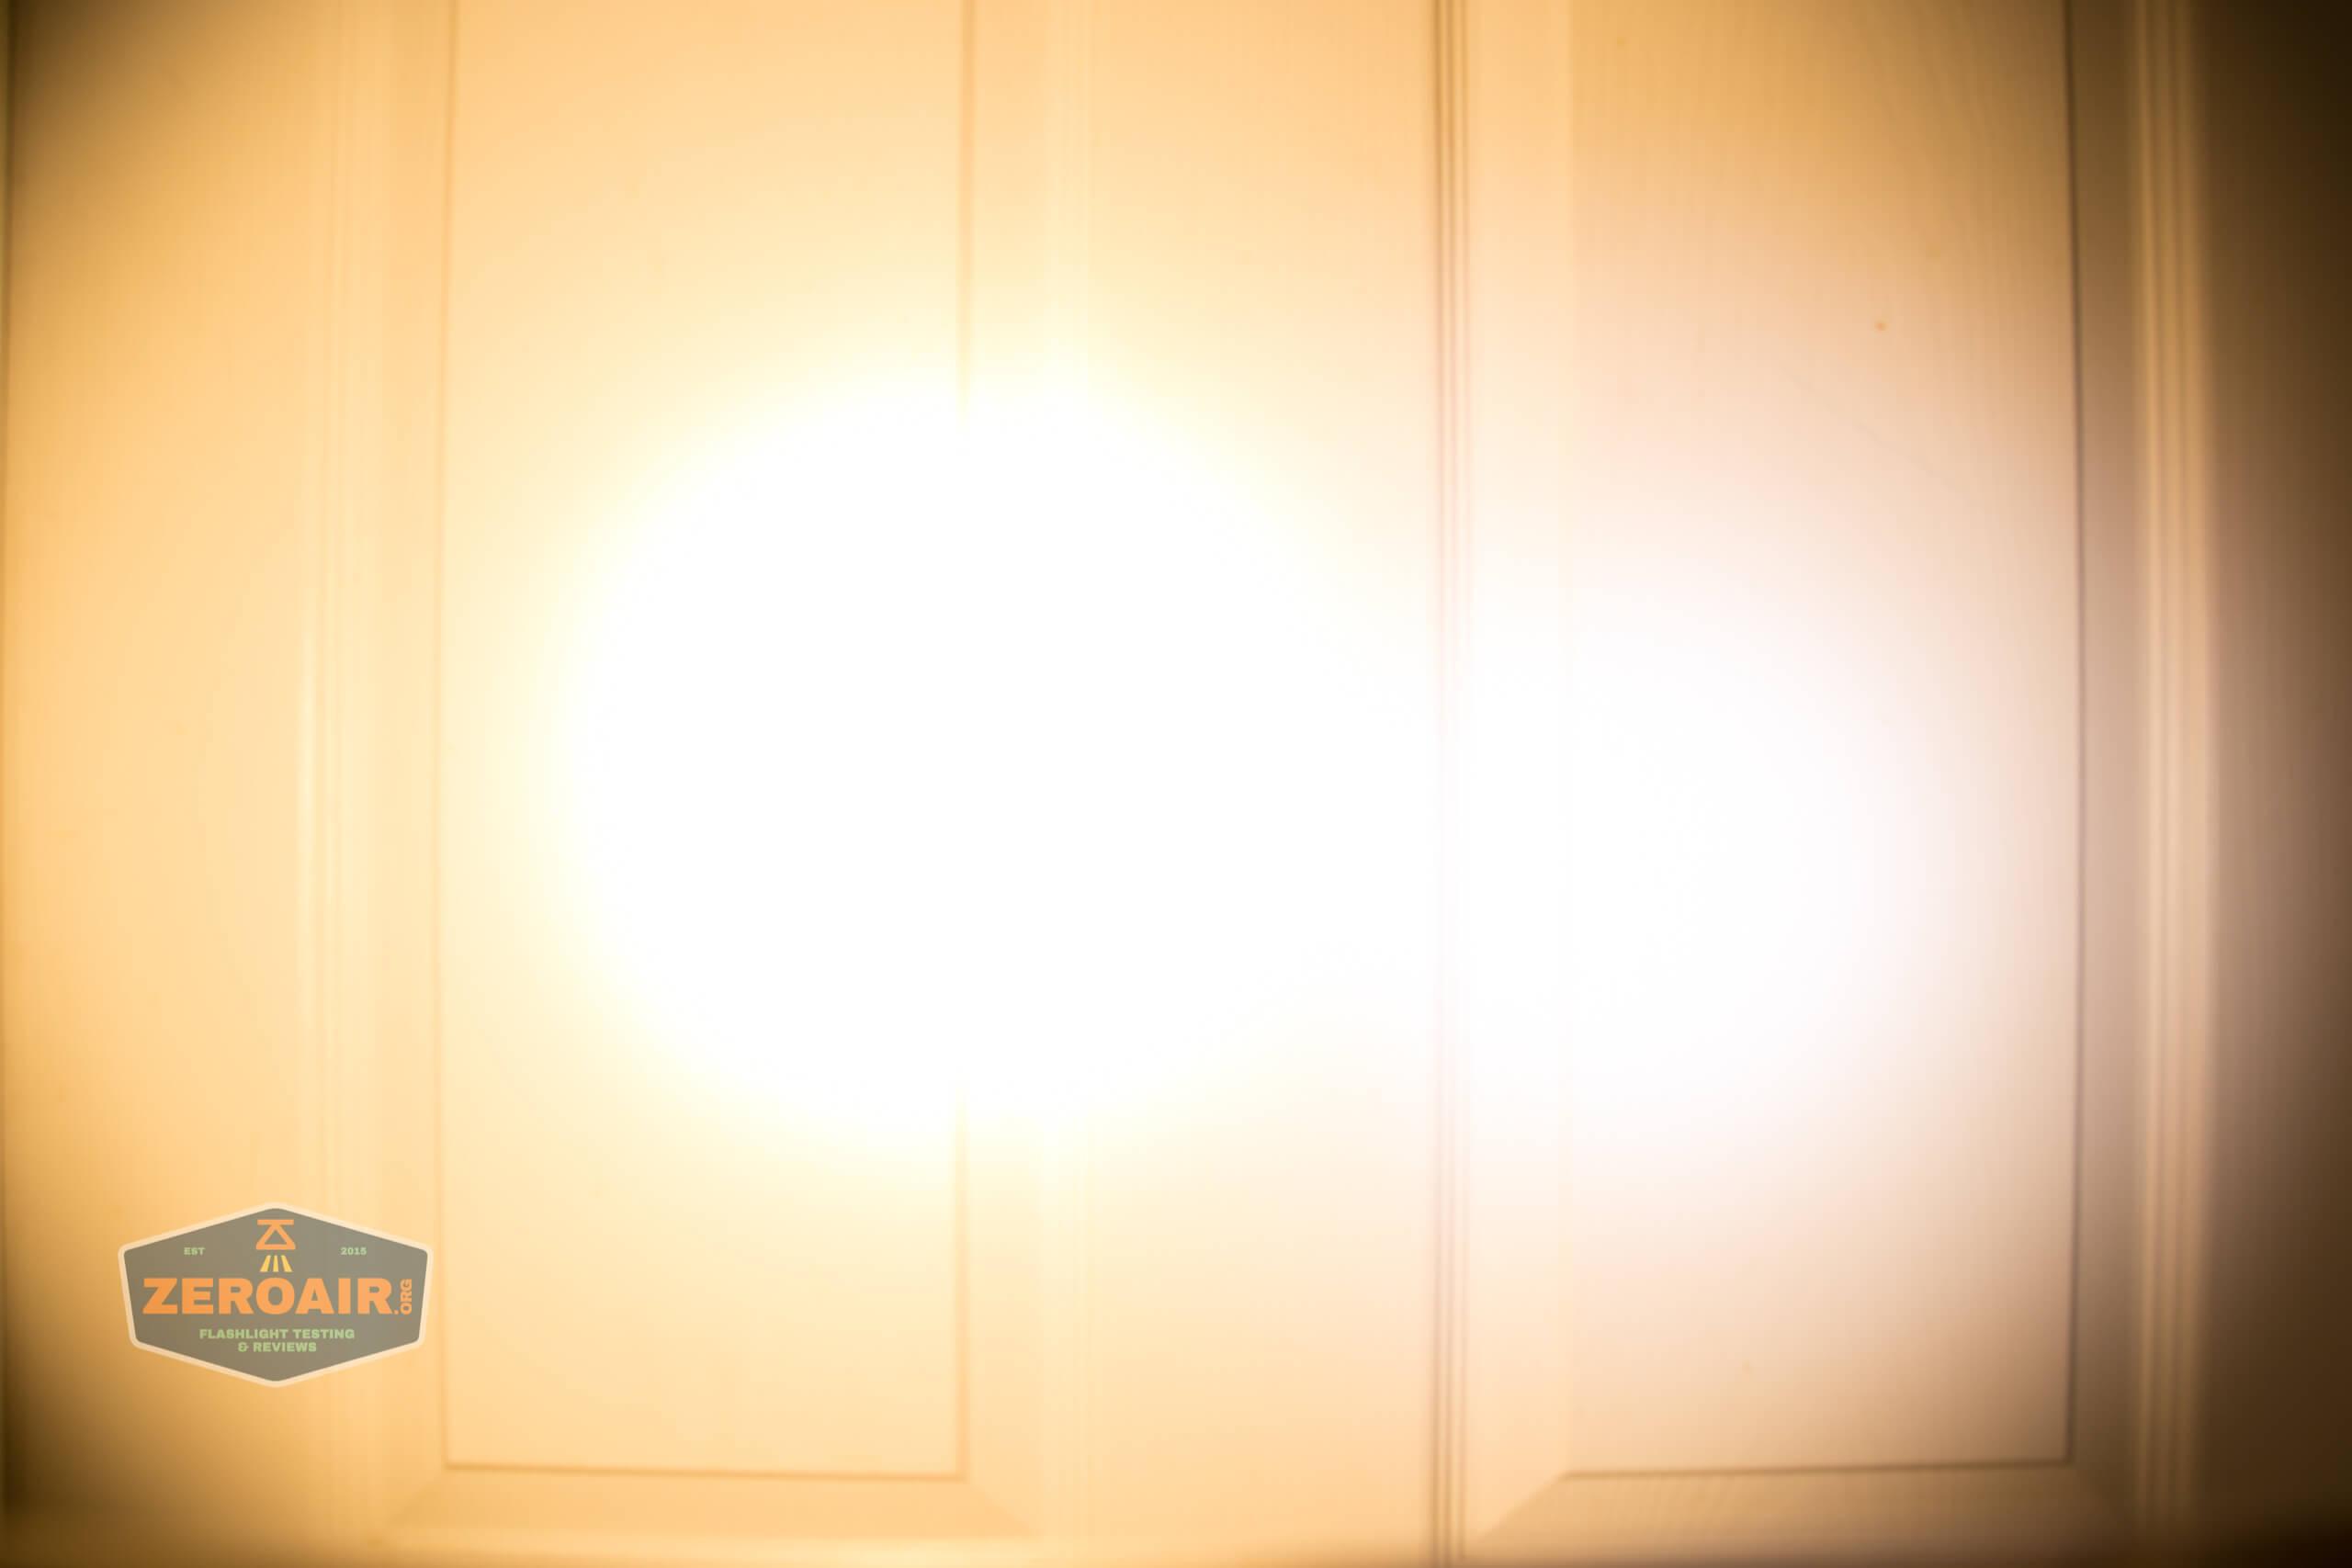 wurkkos fc11 flashlight beamshot door 4